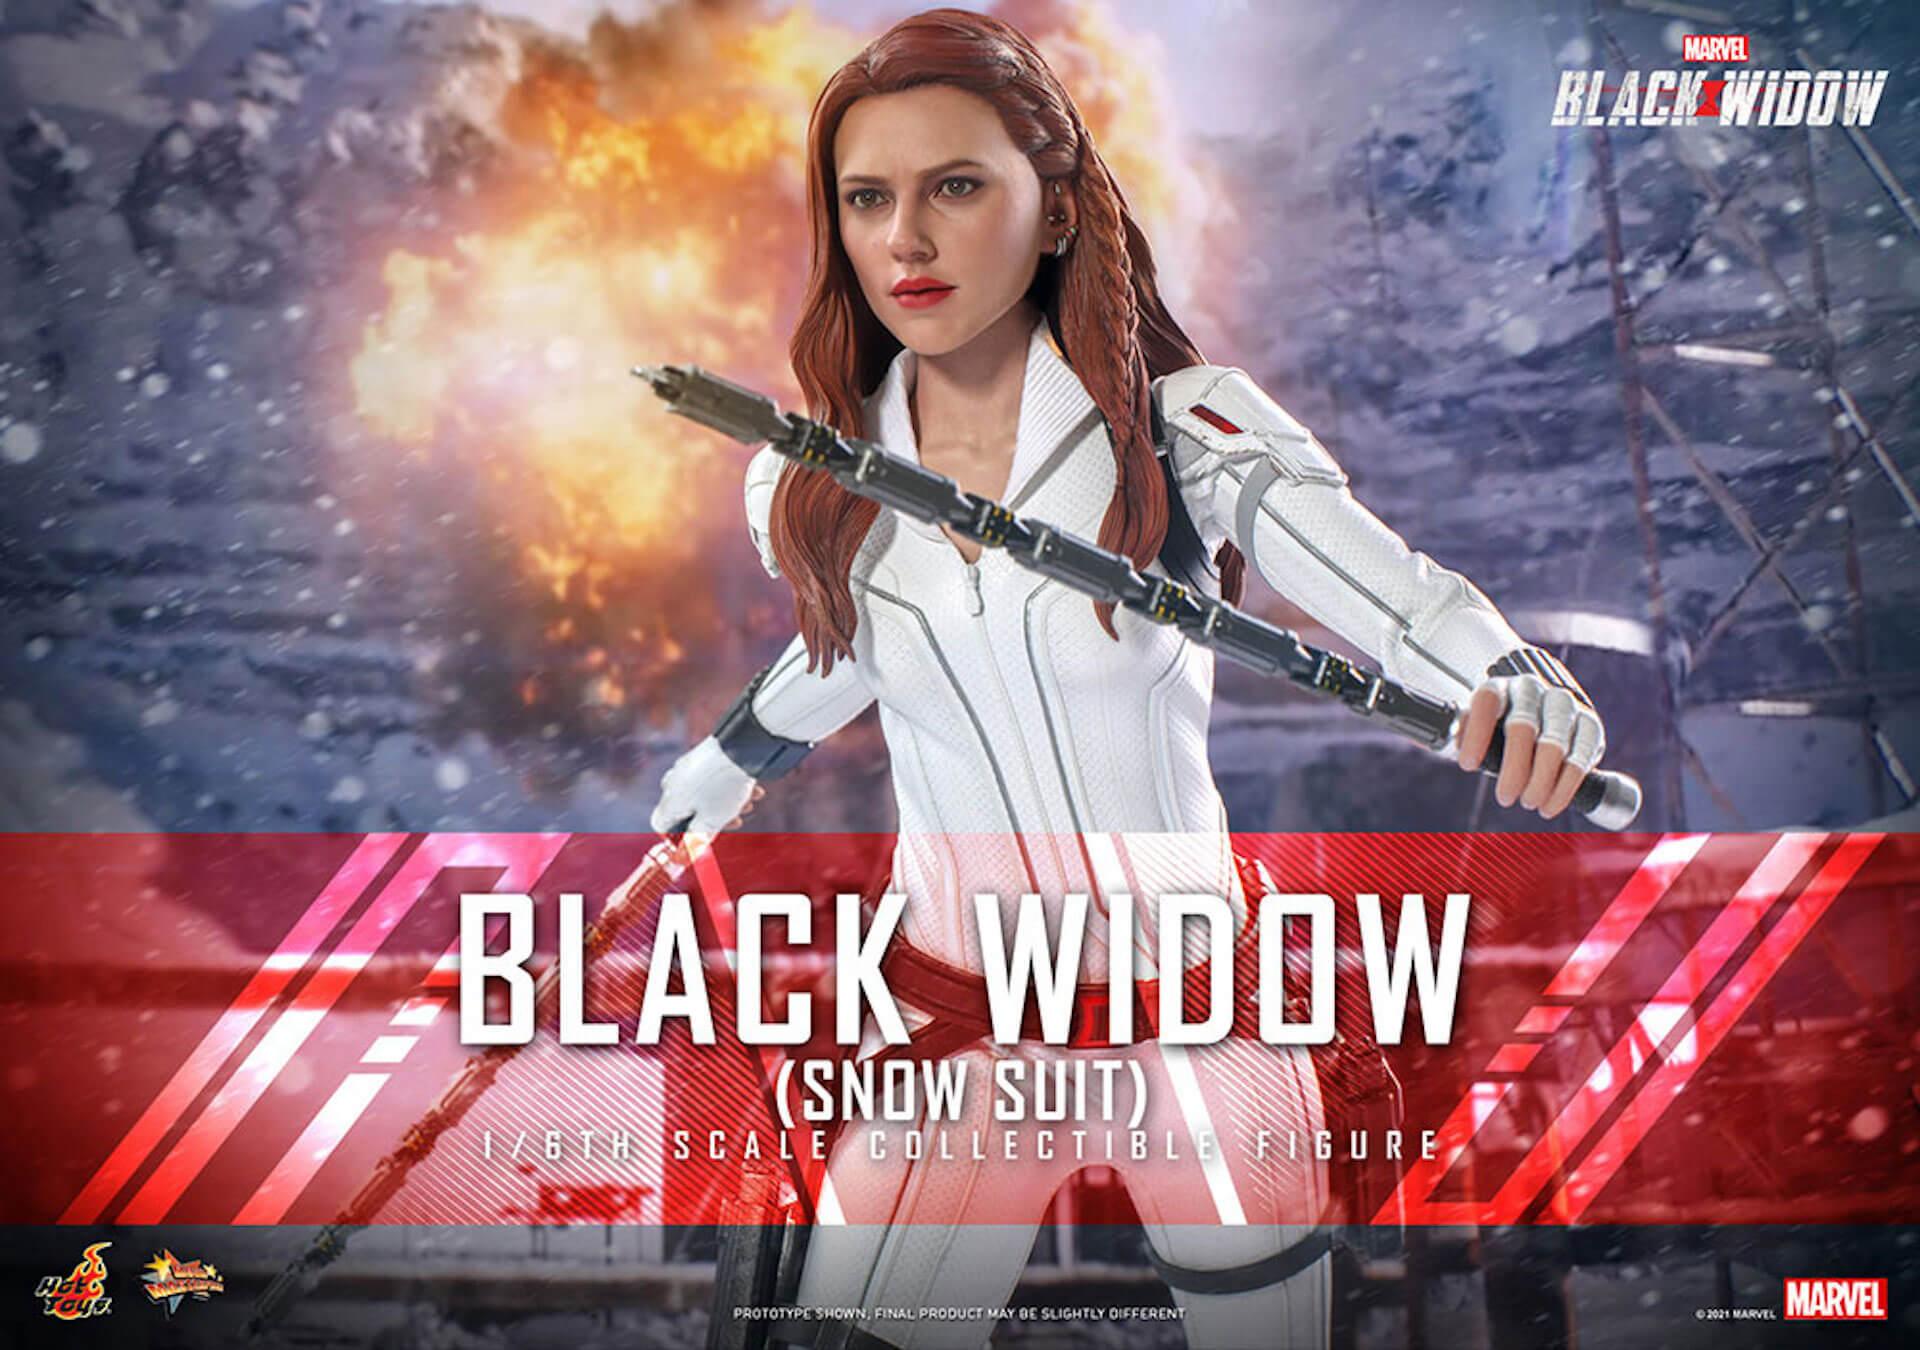 マーベル・スタジオ『ブラック・ウィドウ』のブラック・ウィドウ&タスクマスターがホットトイズの1/6スケールフィギュアになって登場! art210618_hottoys_blackwidow_16